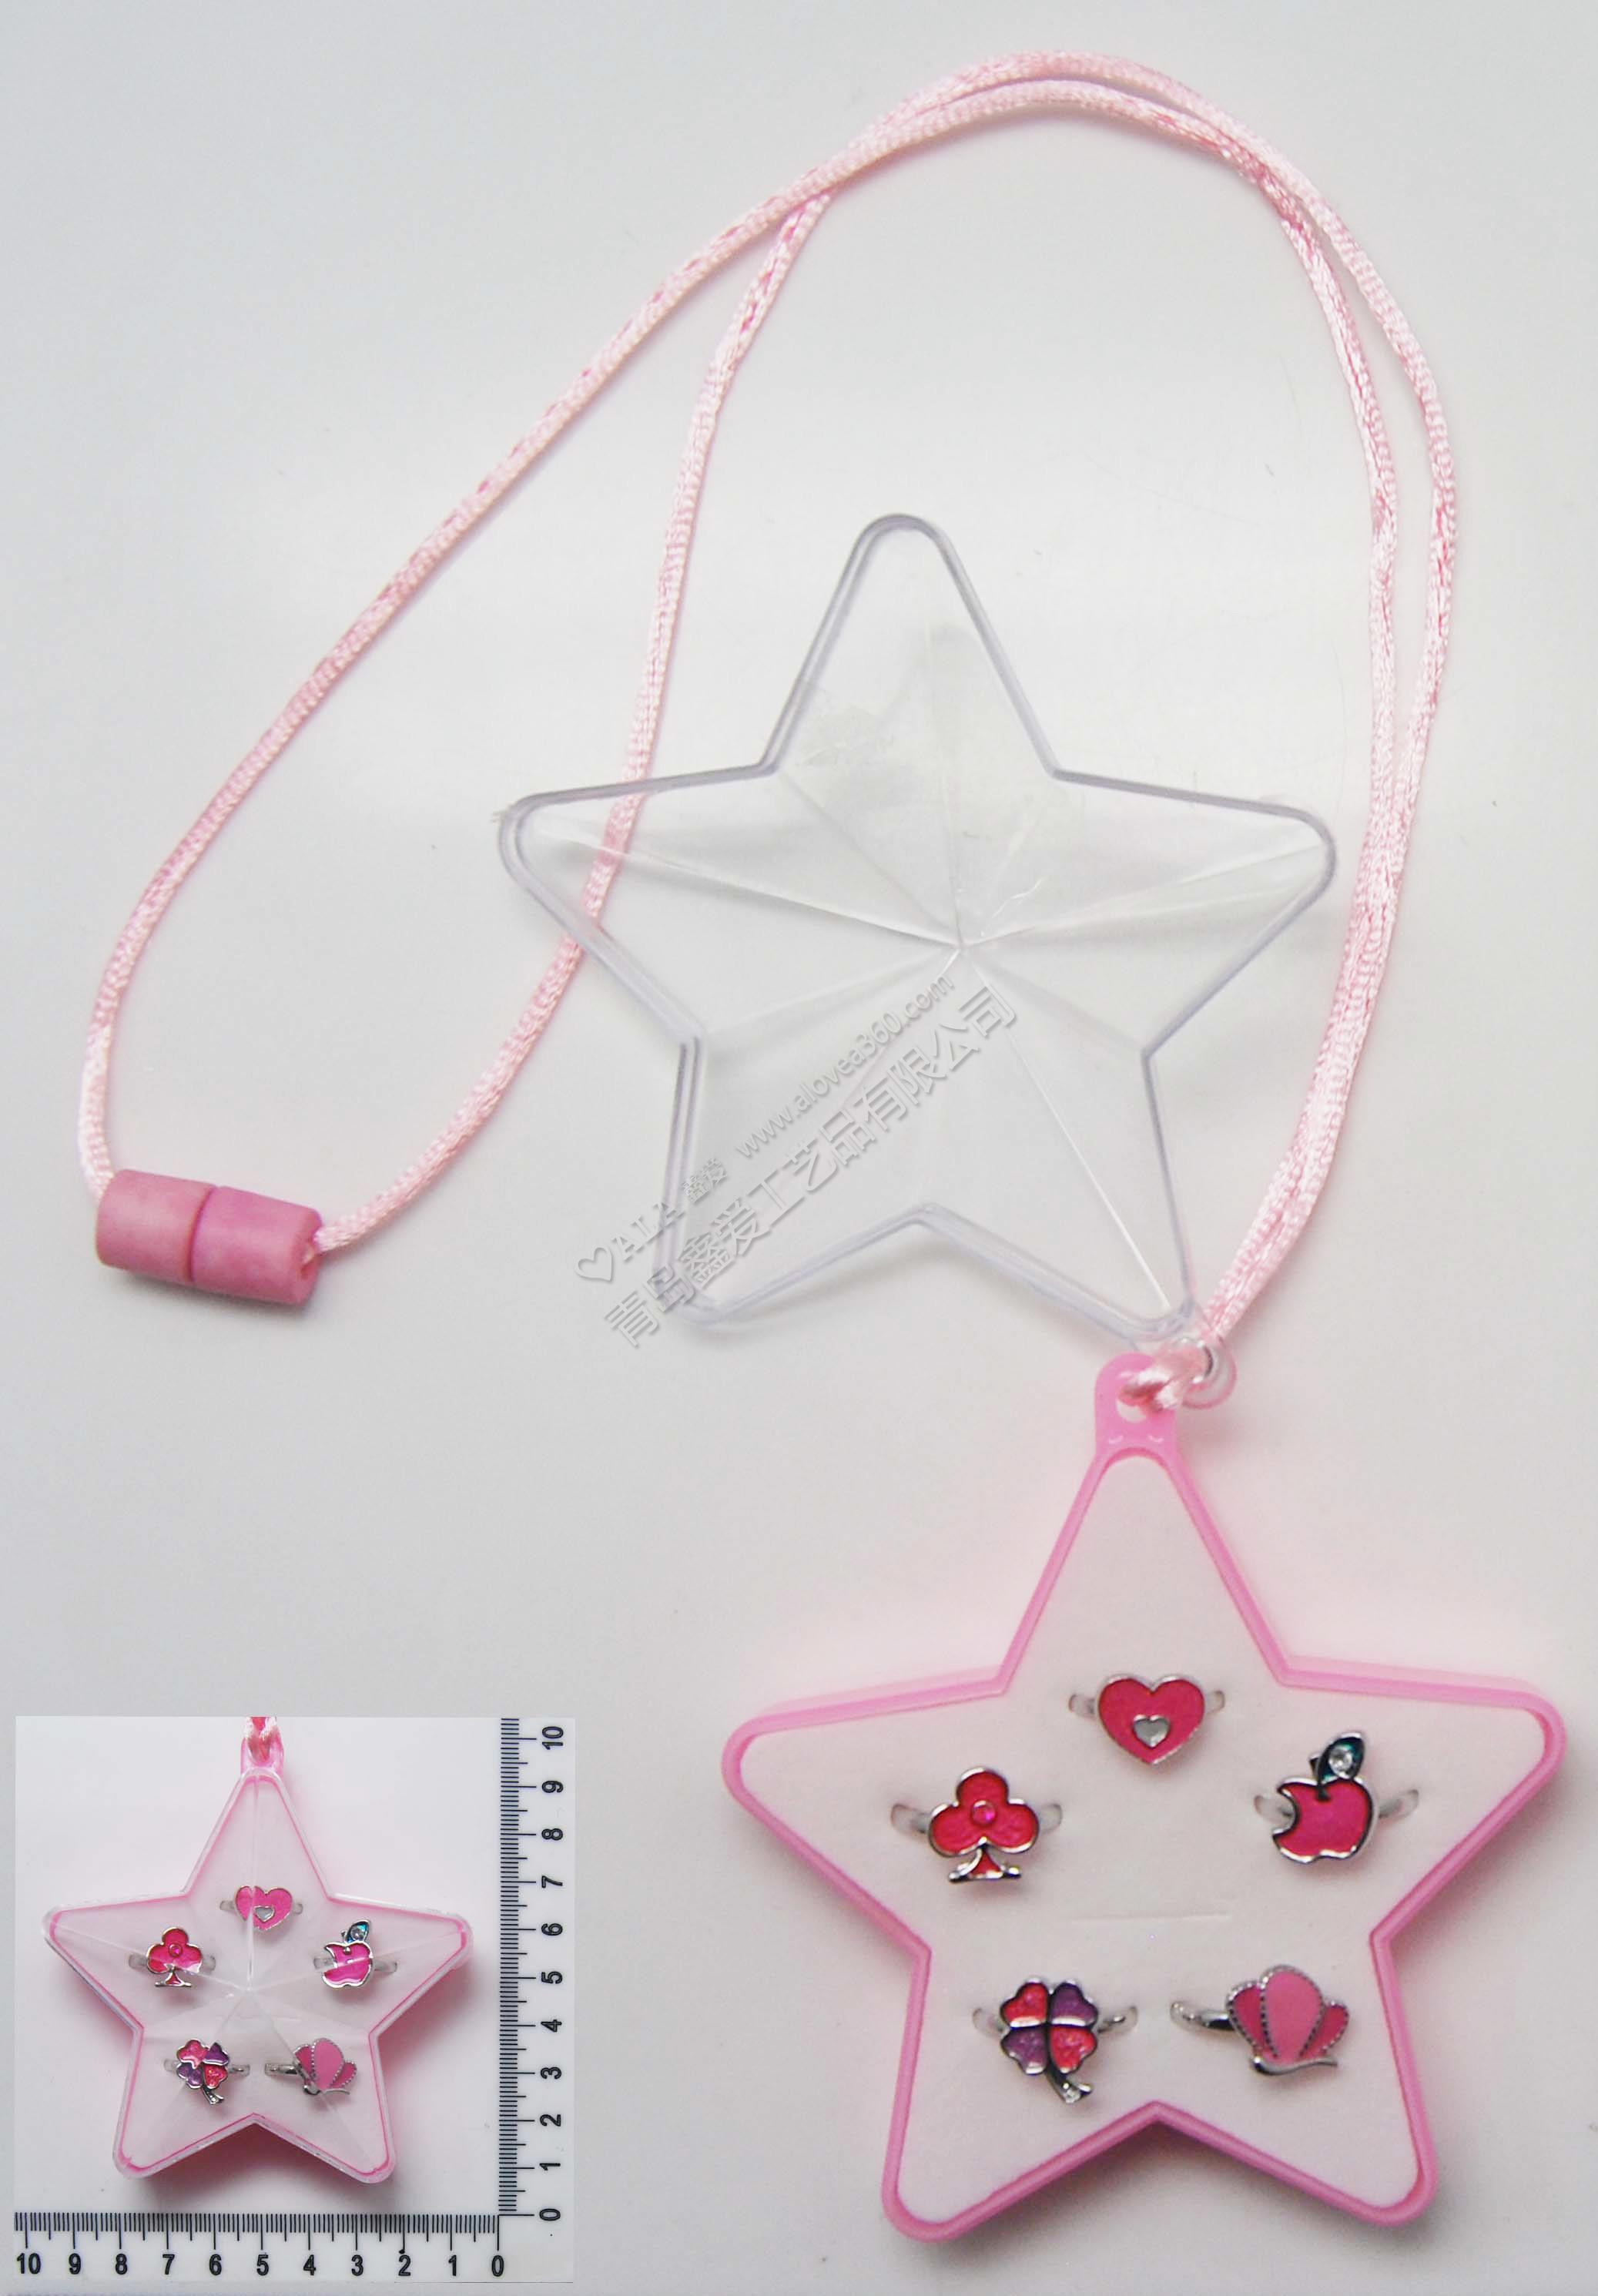 五角星盒装五个一套时尚儿童戒指